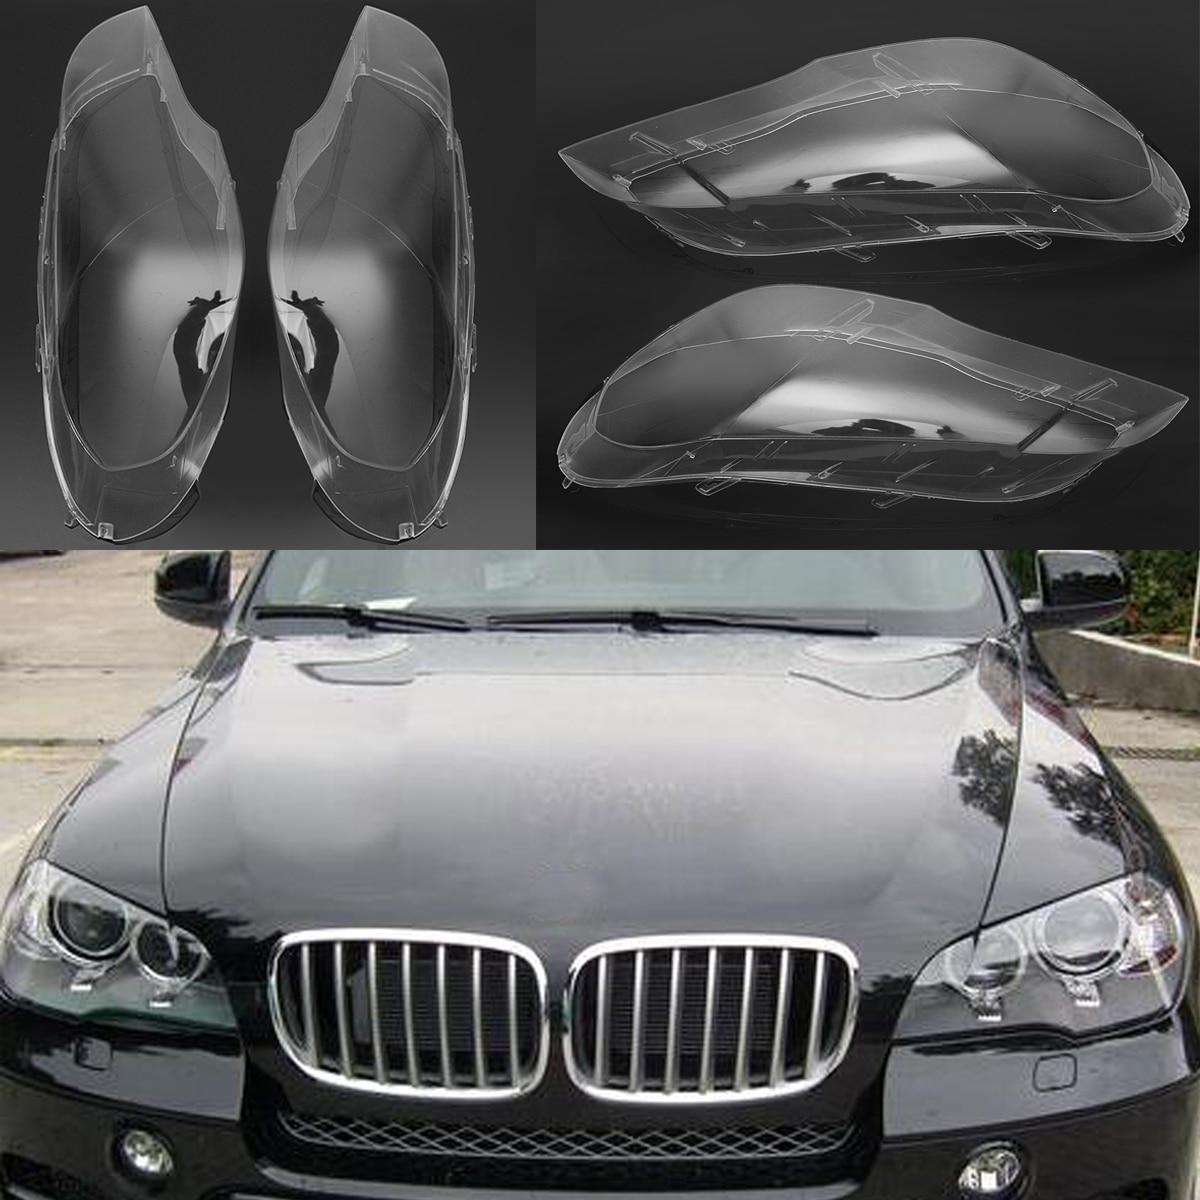 2 Pcs De Voiture Gauche et Droite Projecteur Shell Phare Lentille Remplacement Couverture pour BMW 2007-2012X5 E70 Feux de voiture Phare Lampe Cas